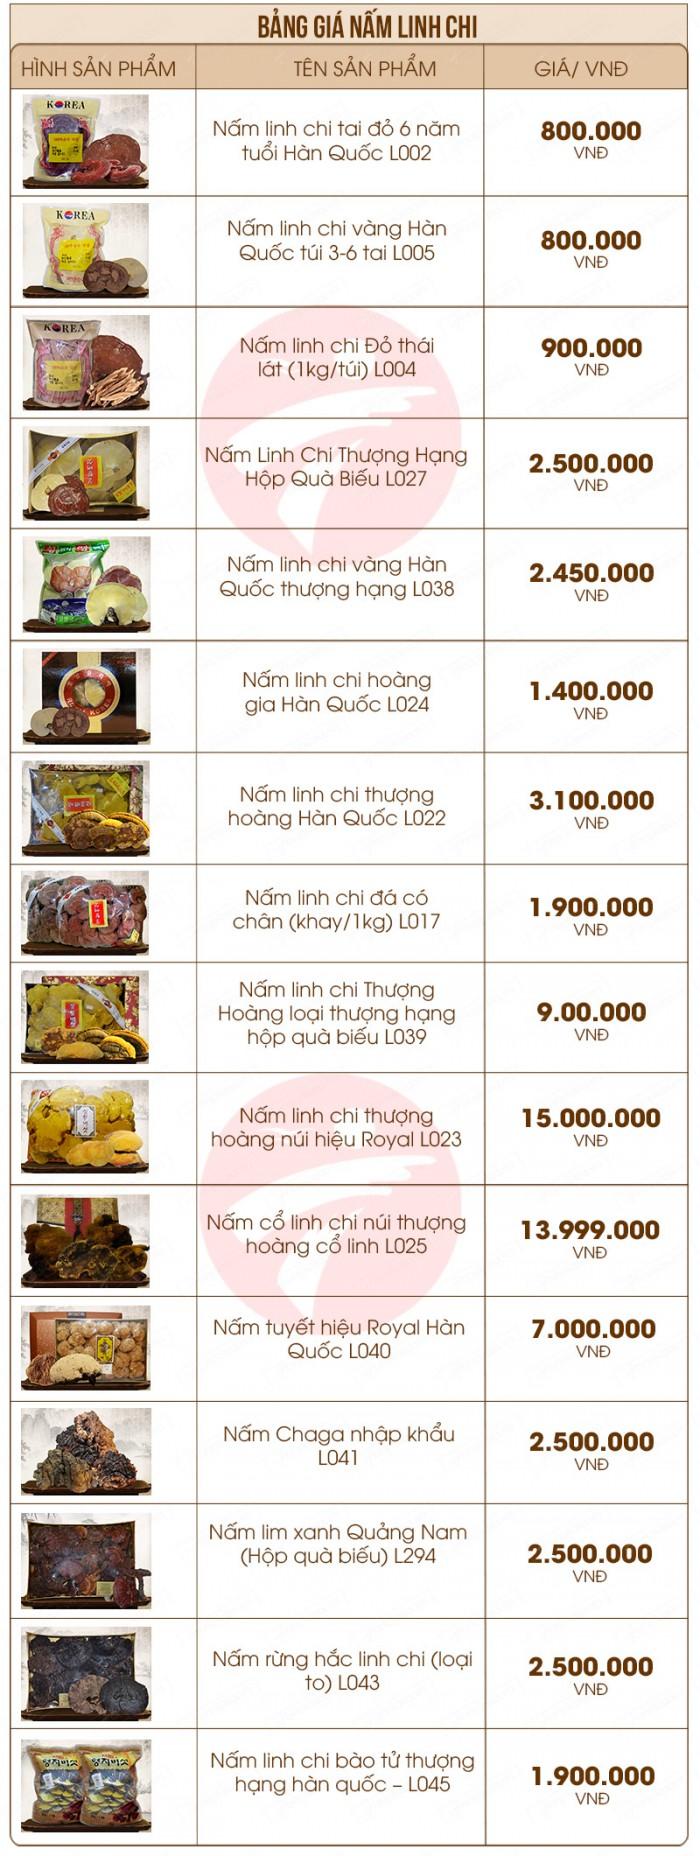 bảng giá các sản phẩm nấm linh chi